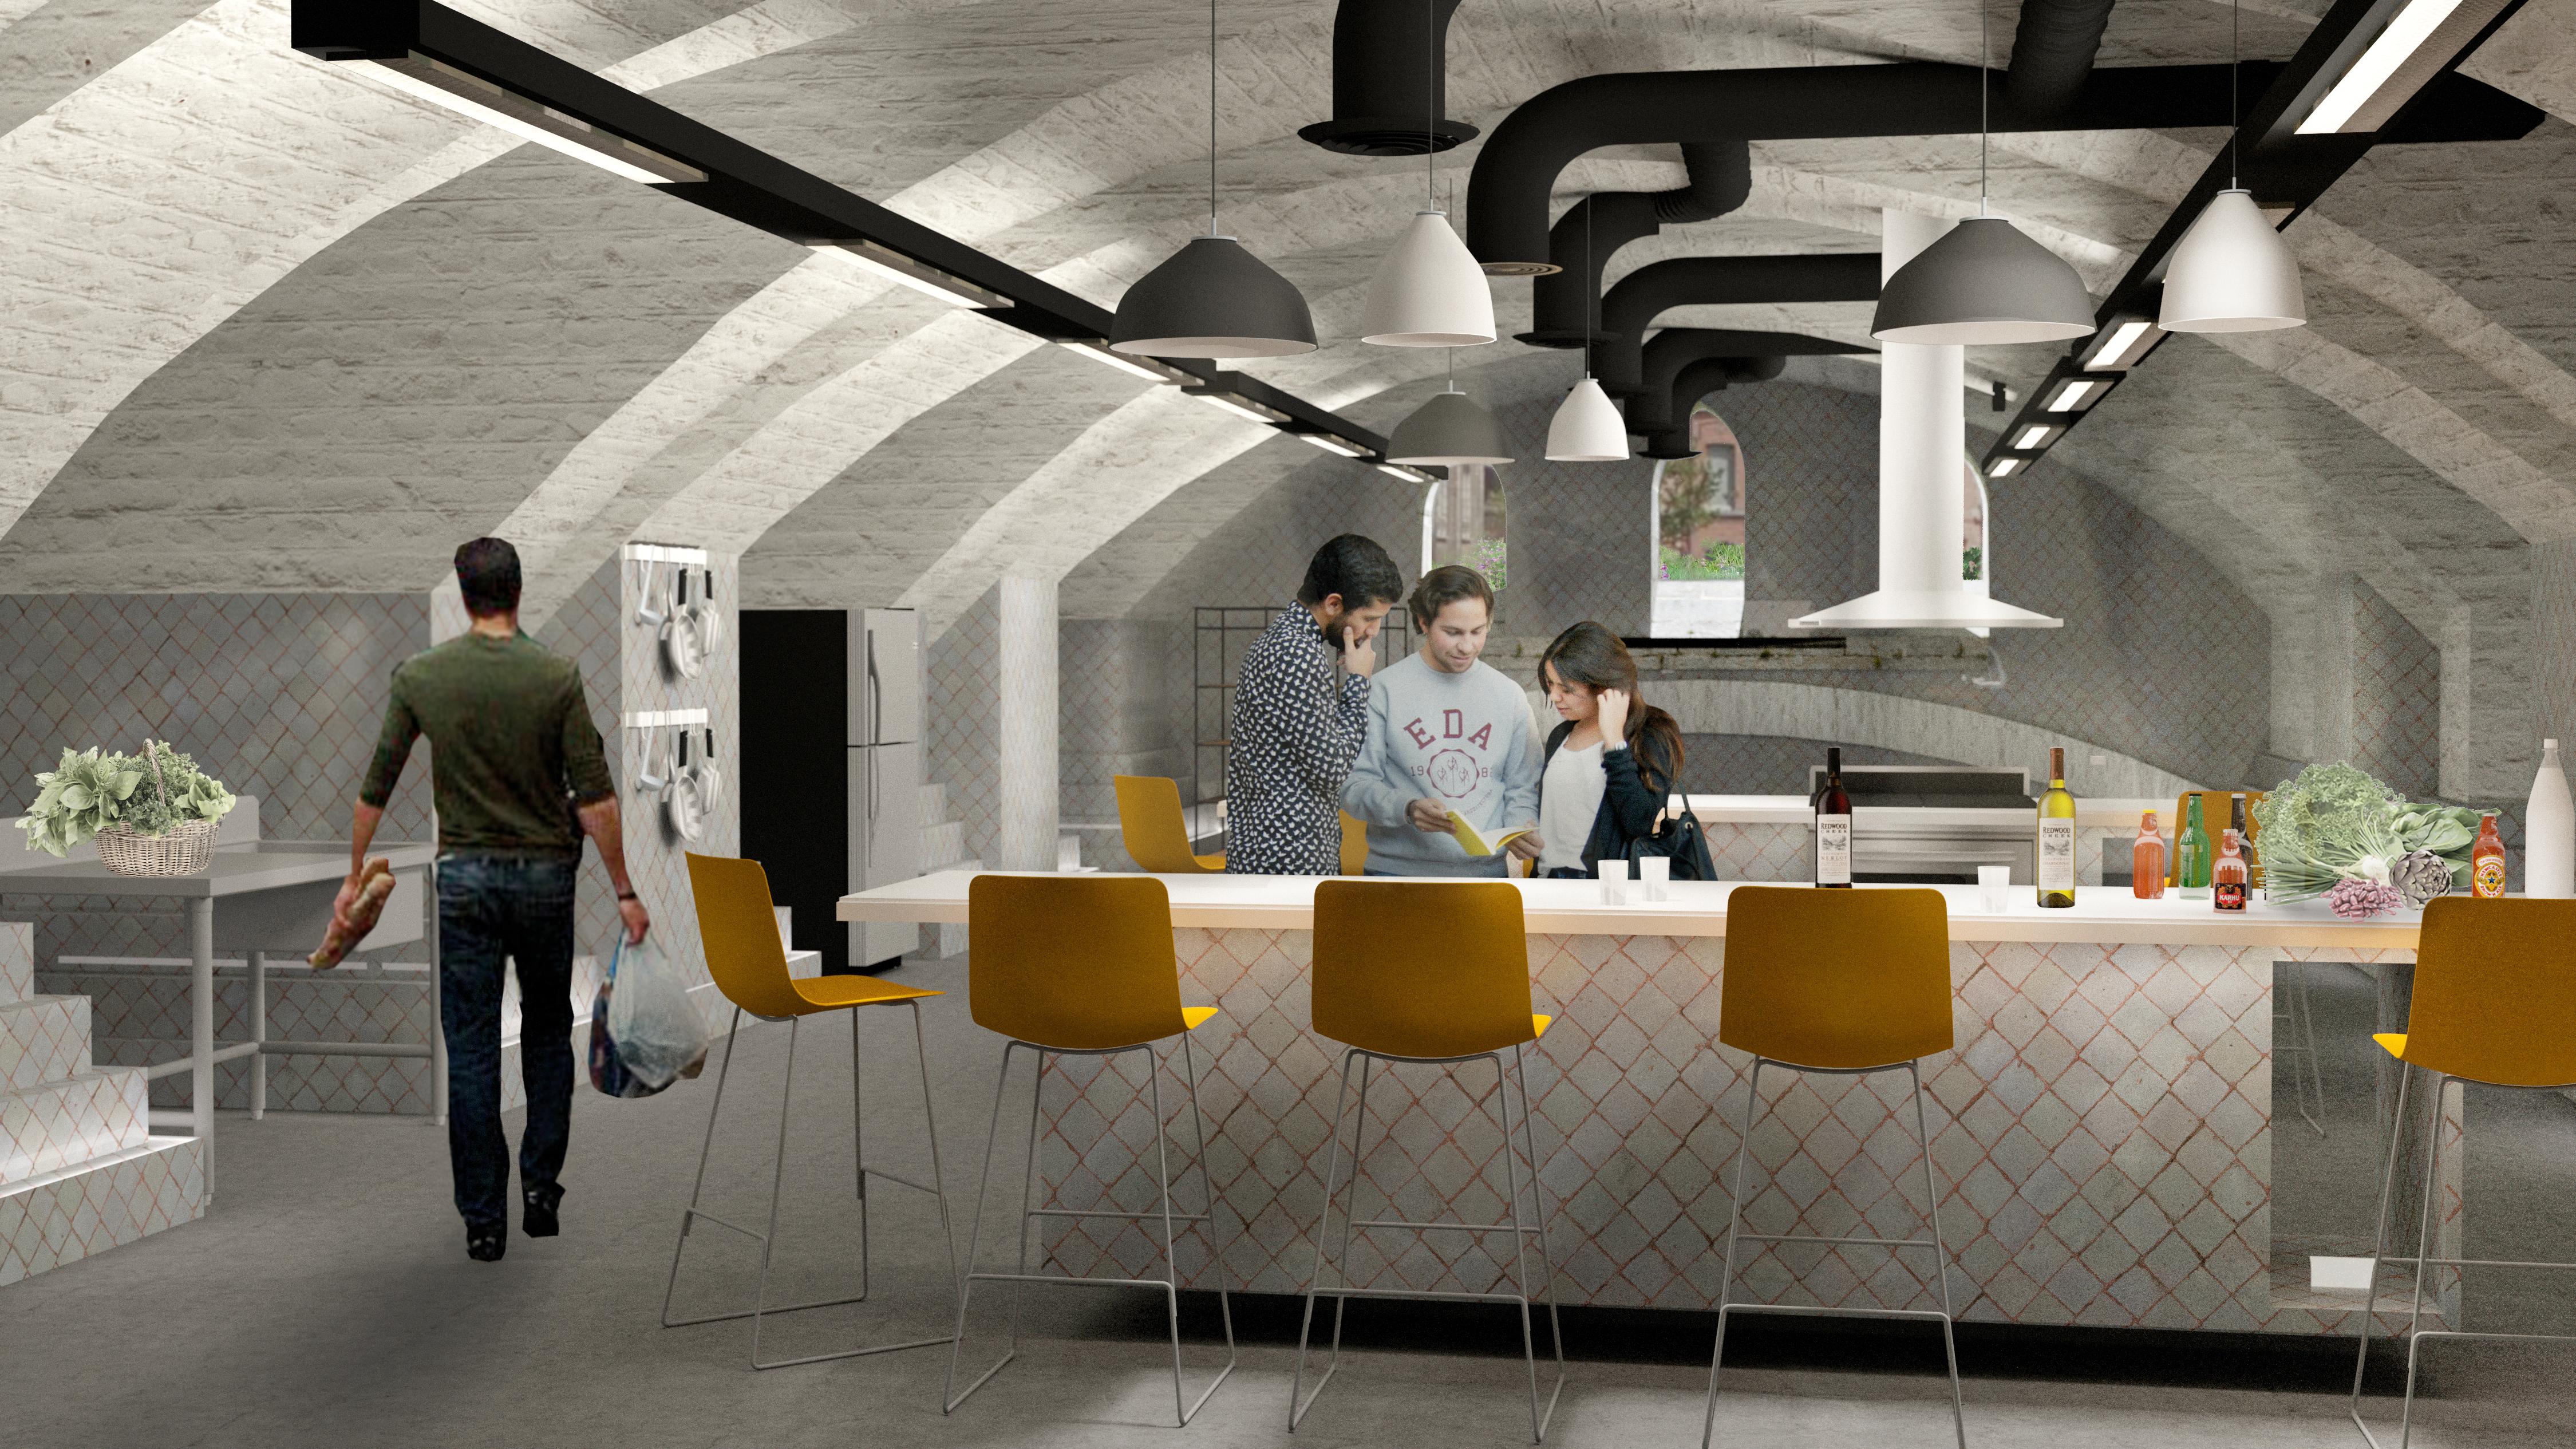 Een voorlopig idee voor de invulling van een van de ateliers: een keuken. © Dial Architects